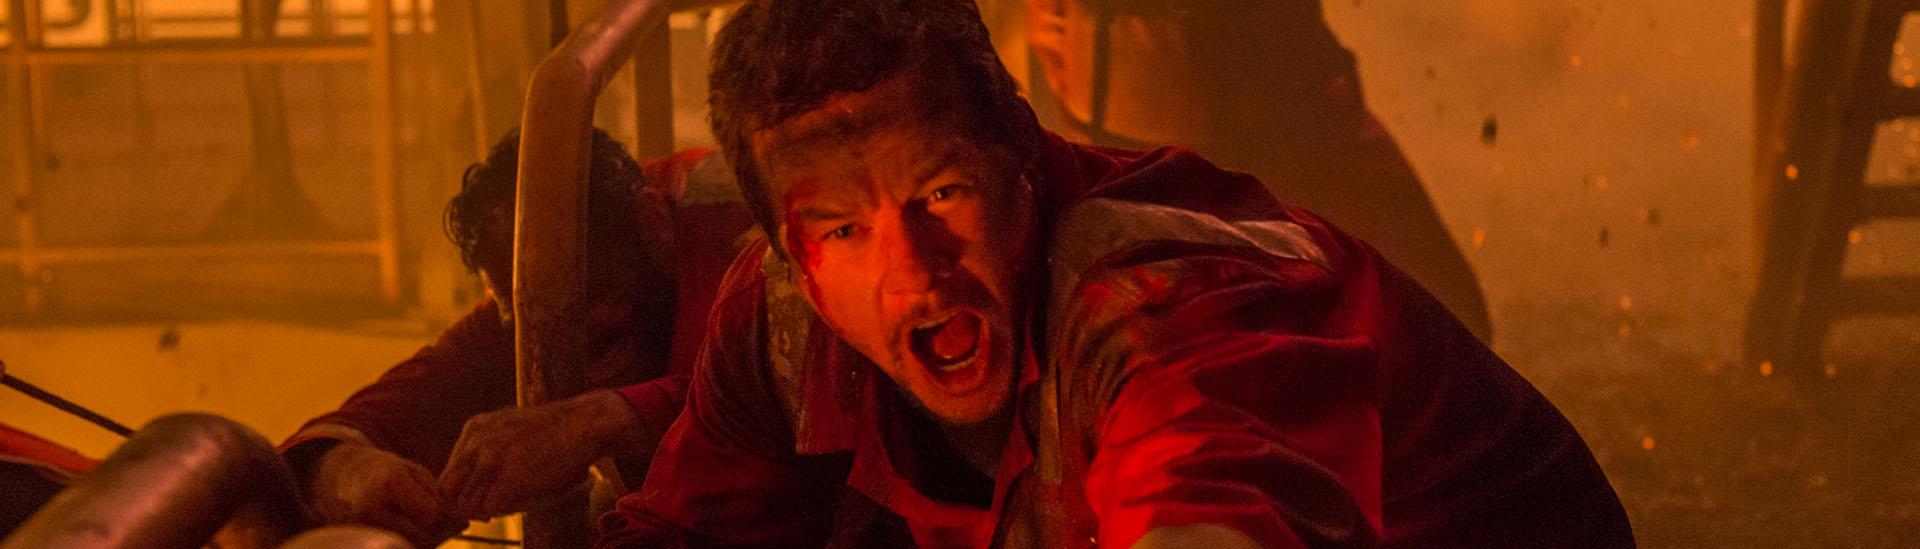 """Nieoczekiwanie """"Żywioł. Deepwater Horizon"""" okazał się najlepszym katastroficznym filmem roku. Recenzja sPlay"""